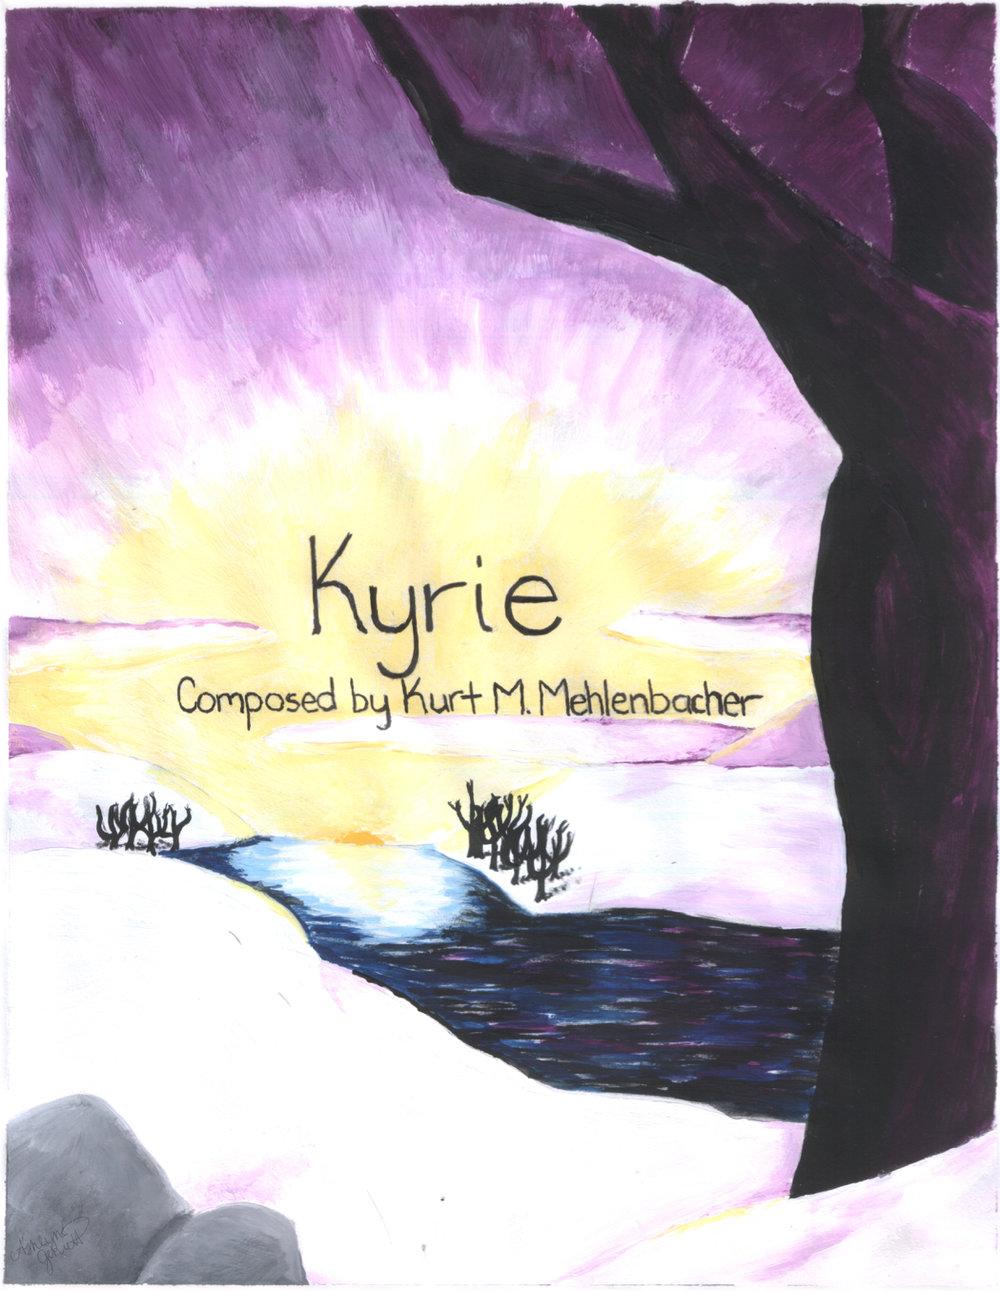 Kyrie     for mixed choir (SATB a cappella)